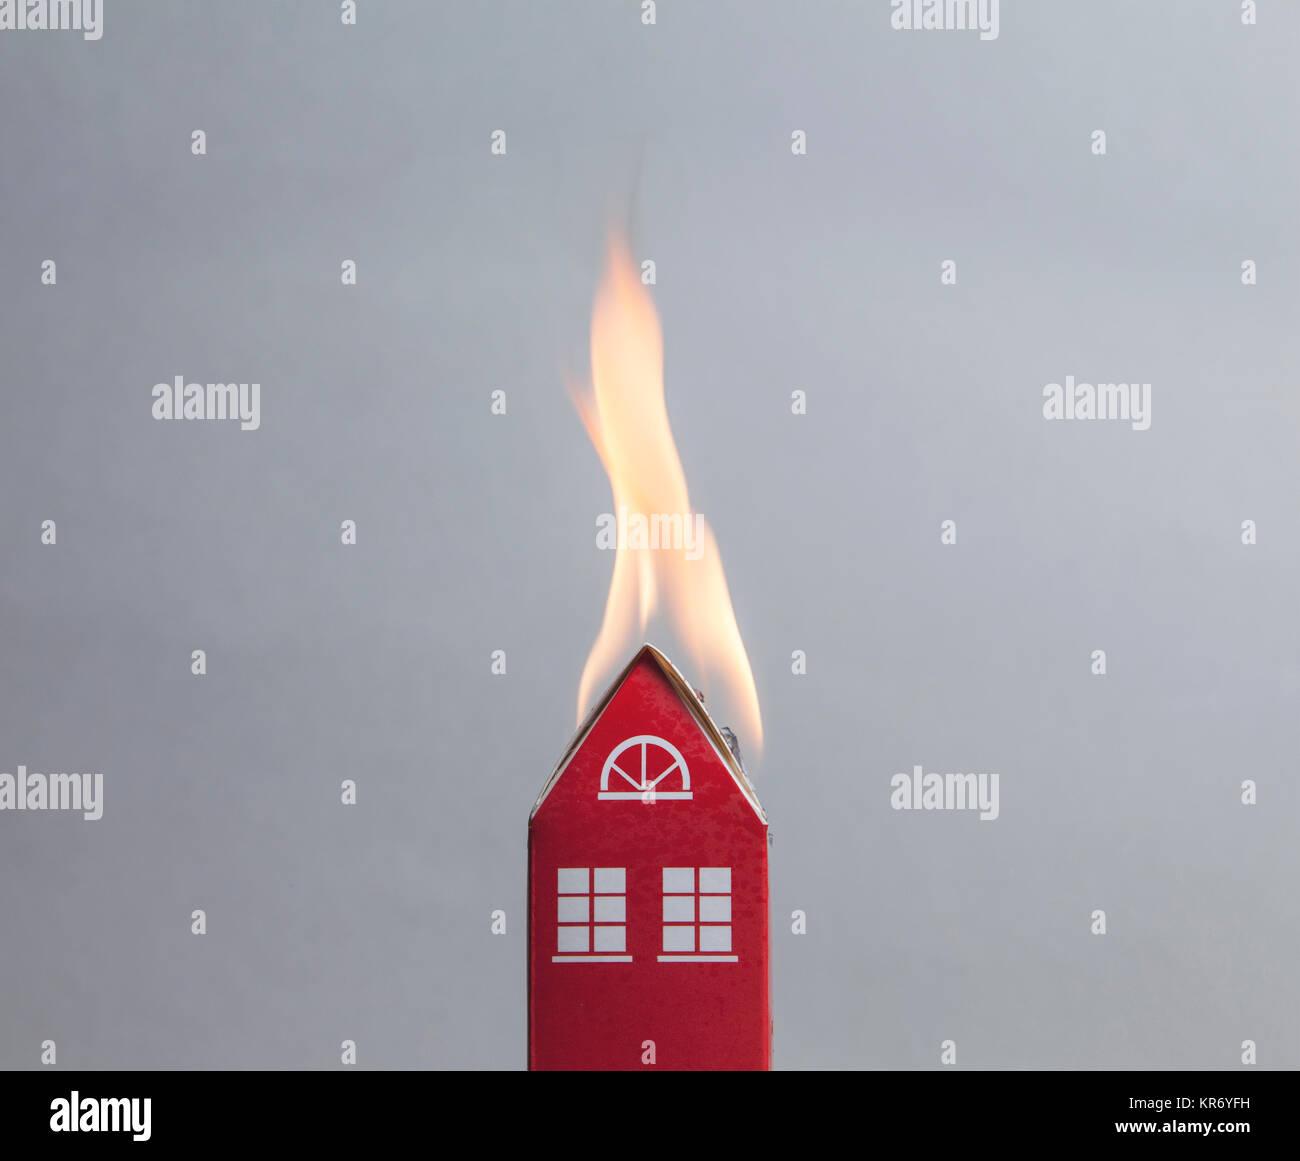 Concepto de fuego de la casa. Casa de juguete con llamas Imagen De Stock